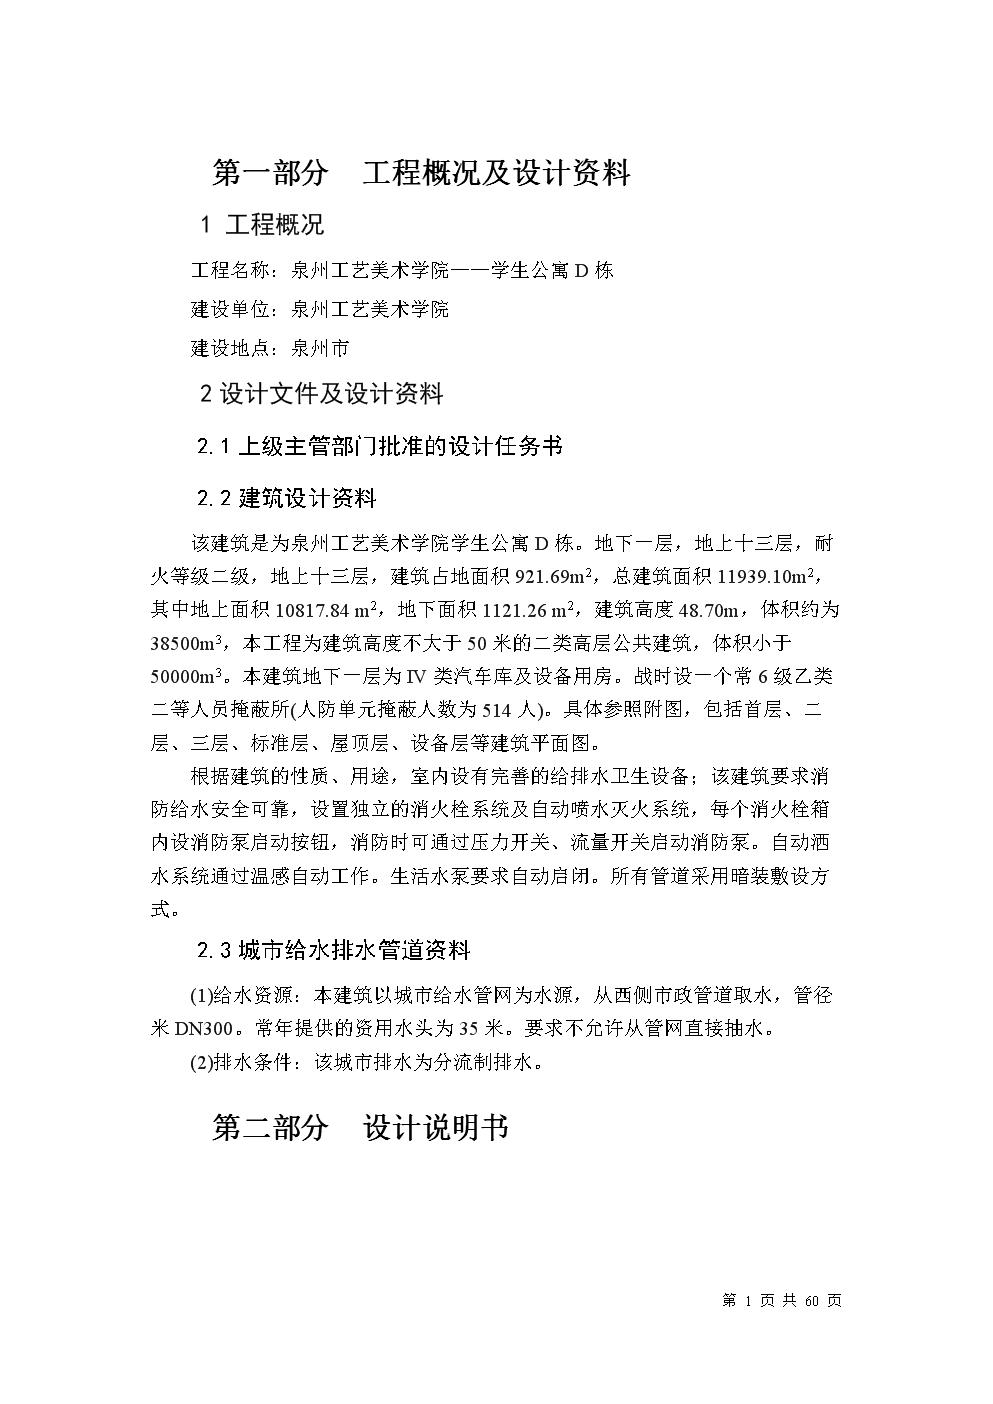 建筑给水排水毕业设计说明书.docx